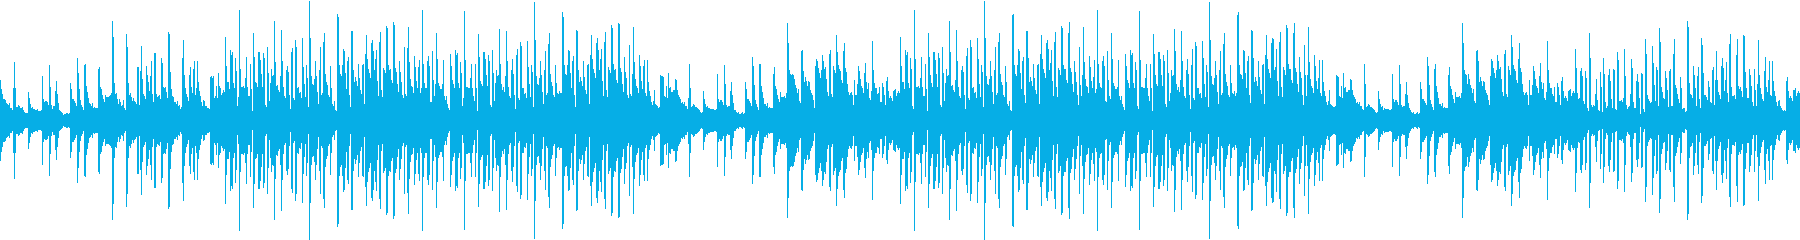 ピアノ・切ない・感動・綺麗・夜・ループの再生済みの波形